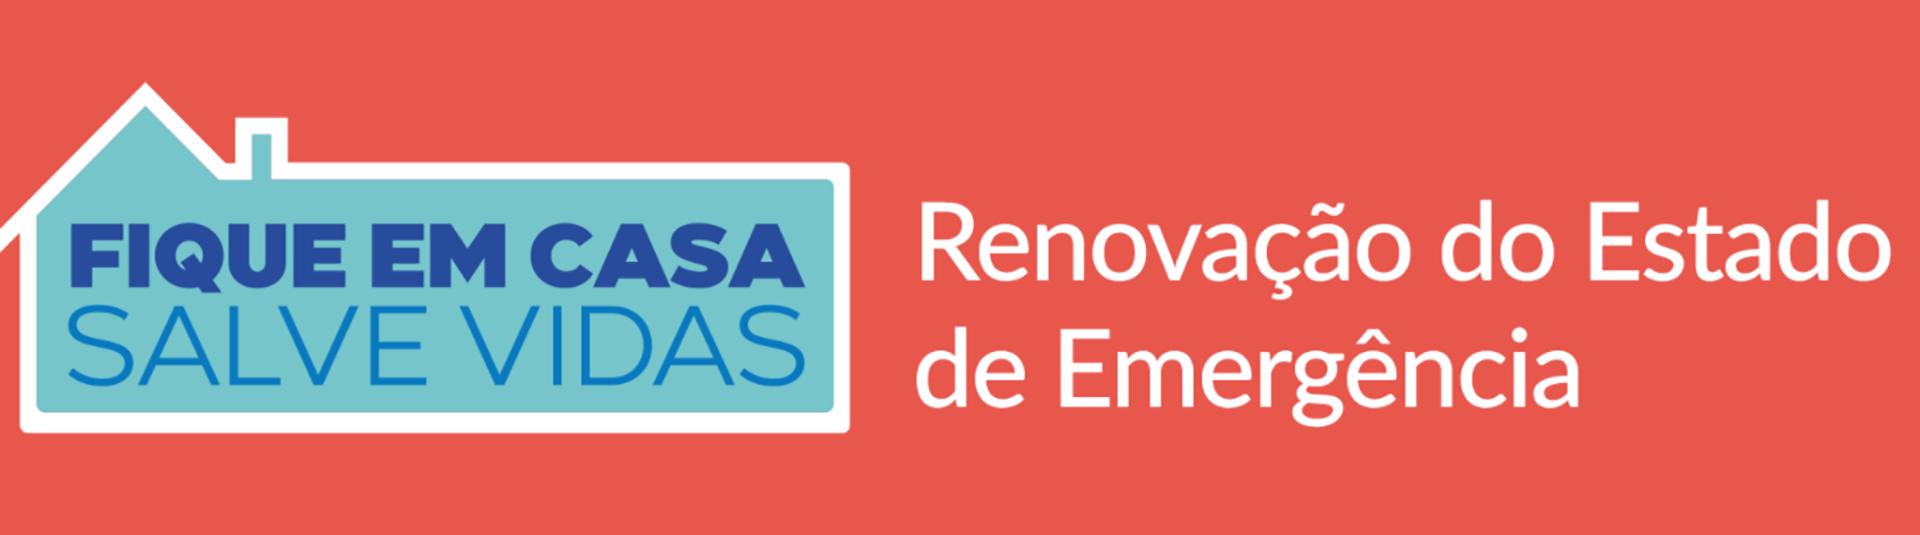 renovação estado emergencia